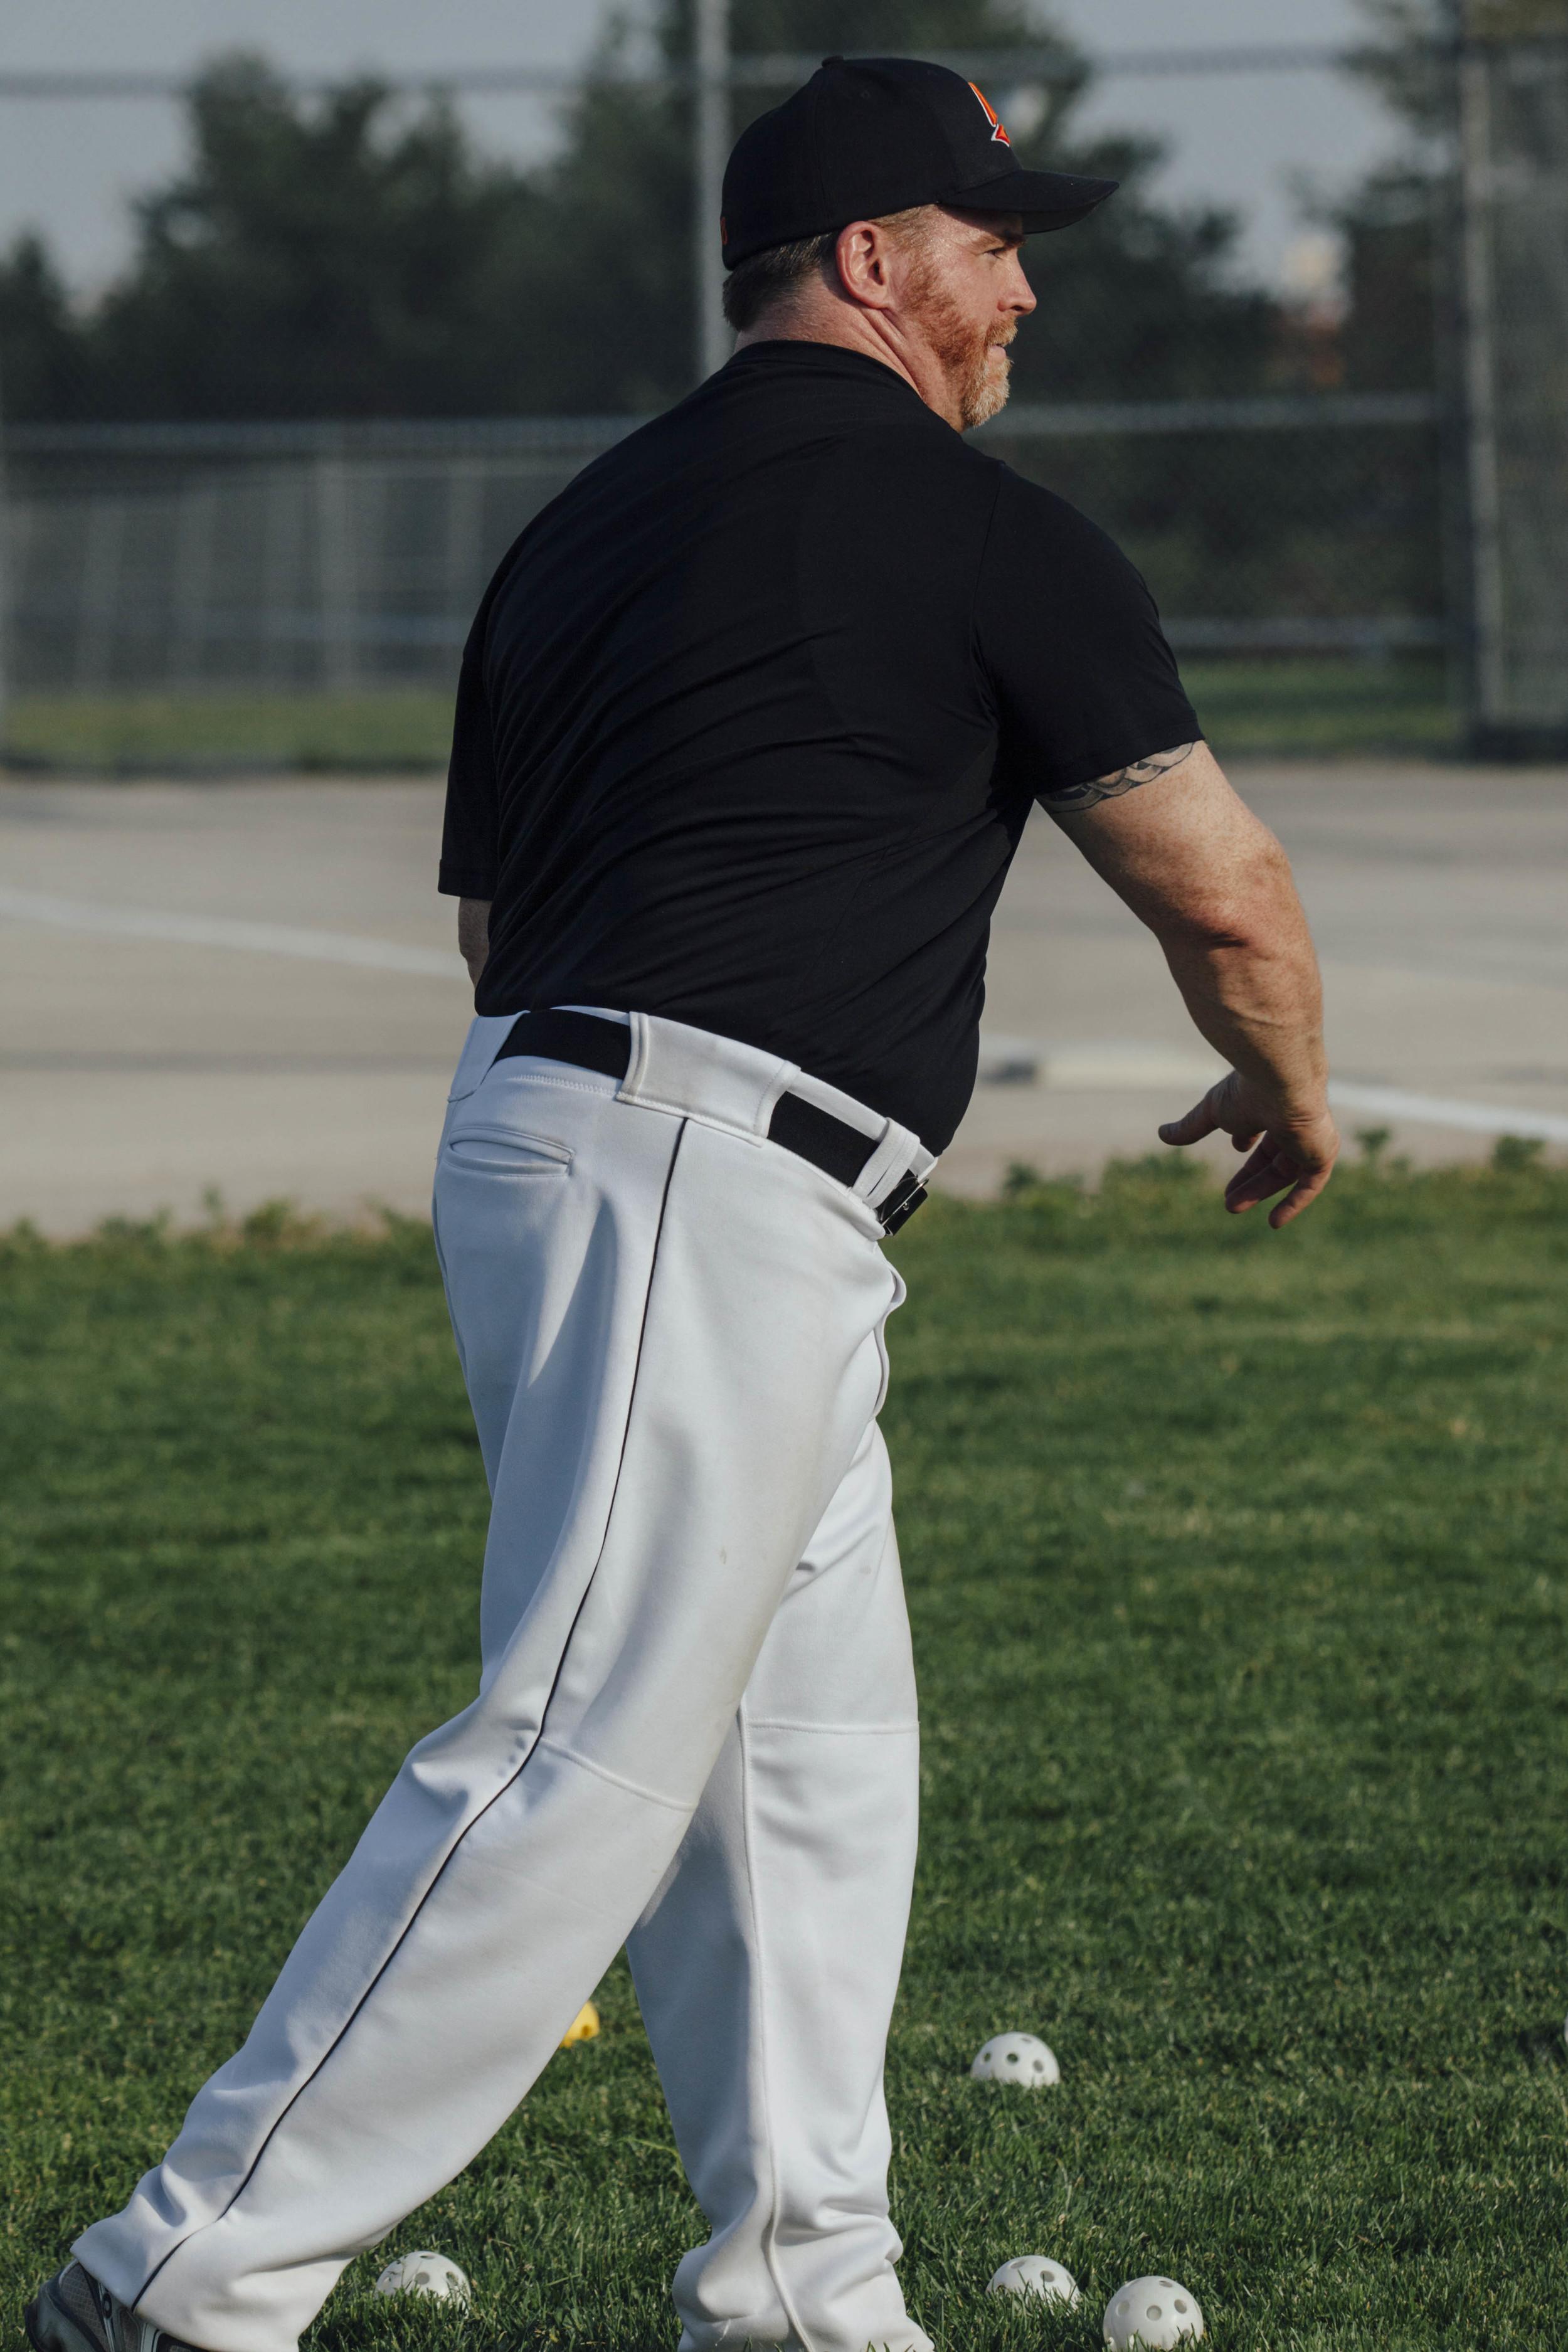 vsco edit baseball photos-41.jpg